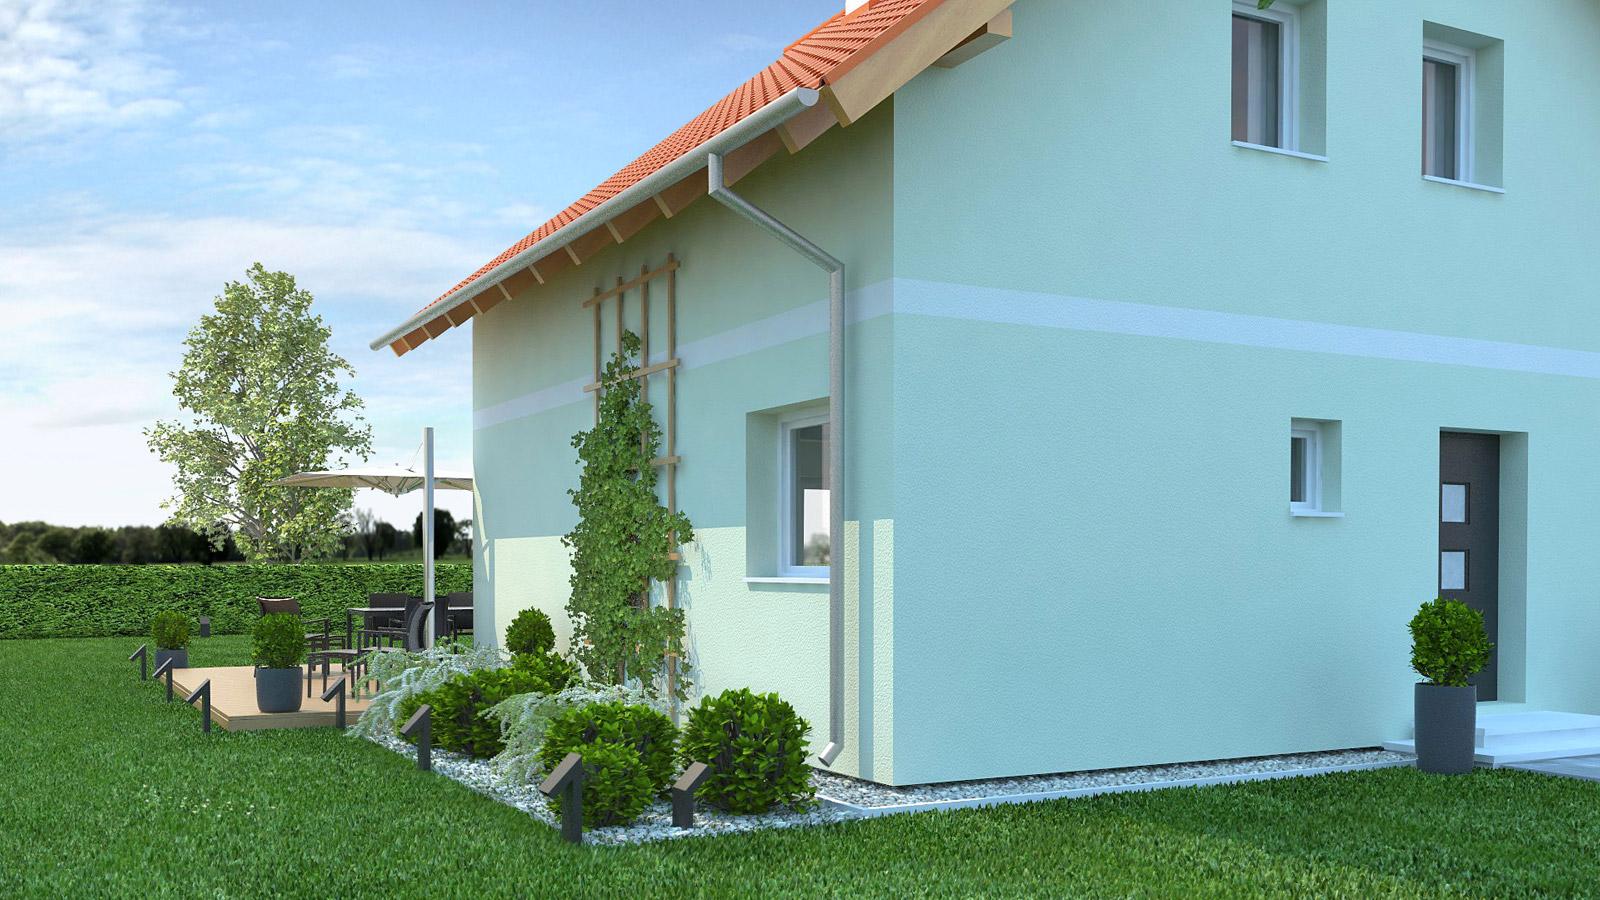 http://www.dasloewenhaus.at/wp-content/uploads/2017/02/Loewenhaus_Yellow_Detailansicht_Satteldach_Haus-gruen.jpg